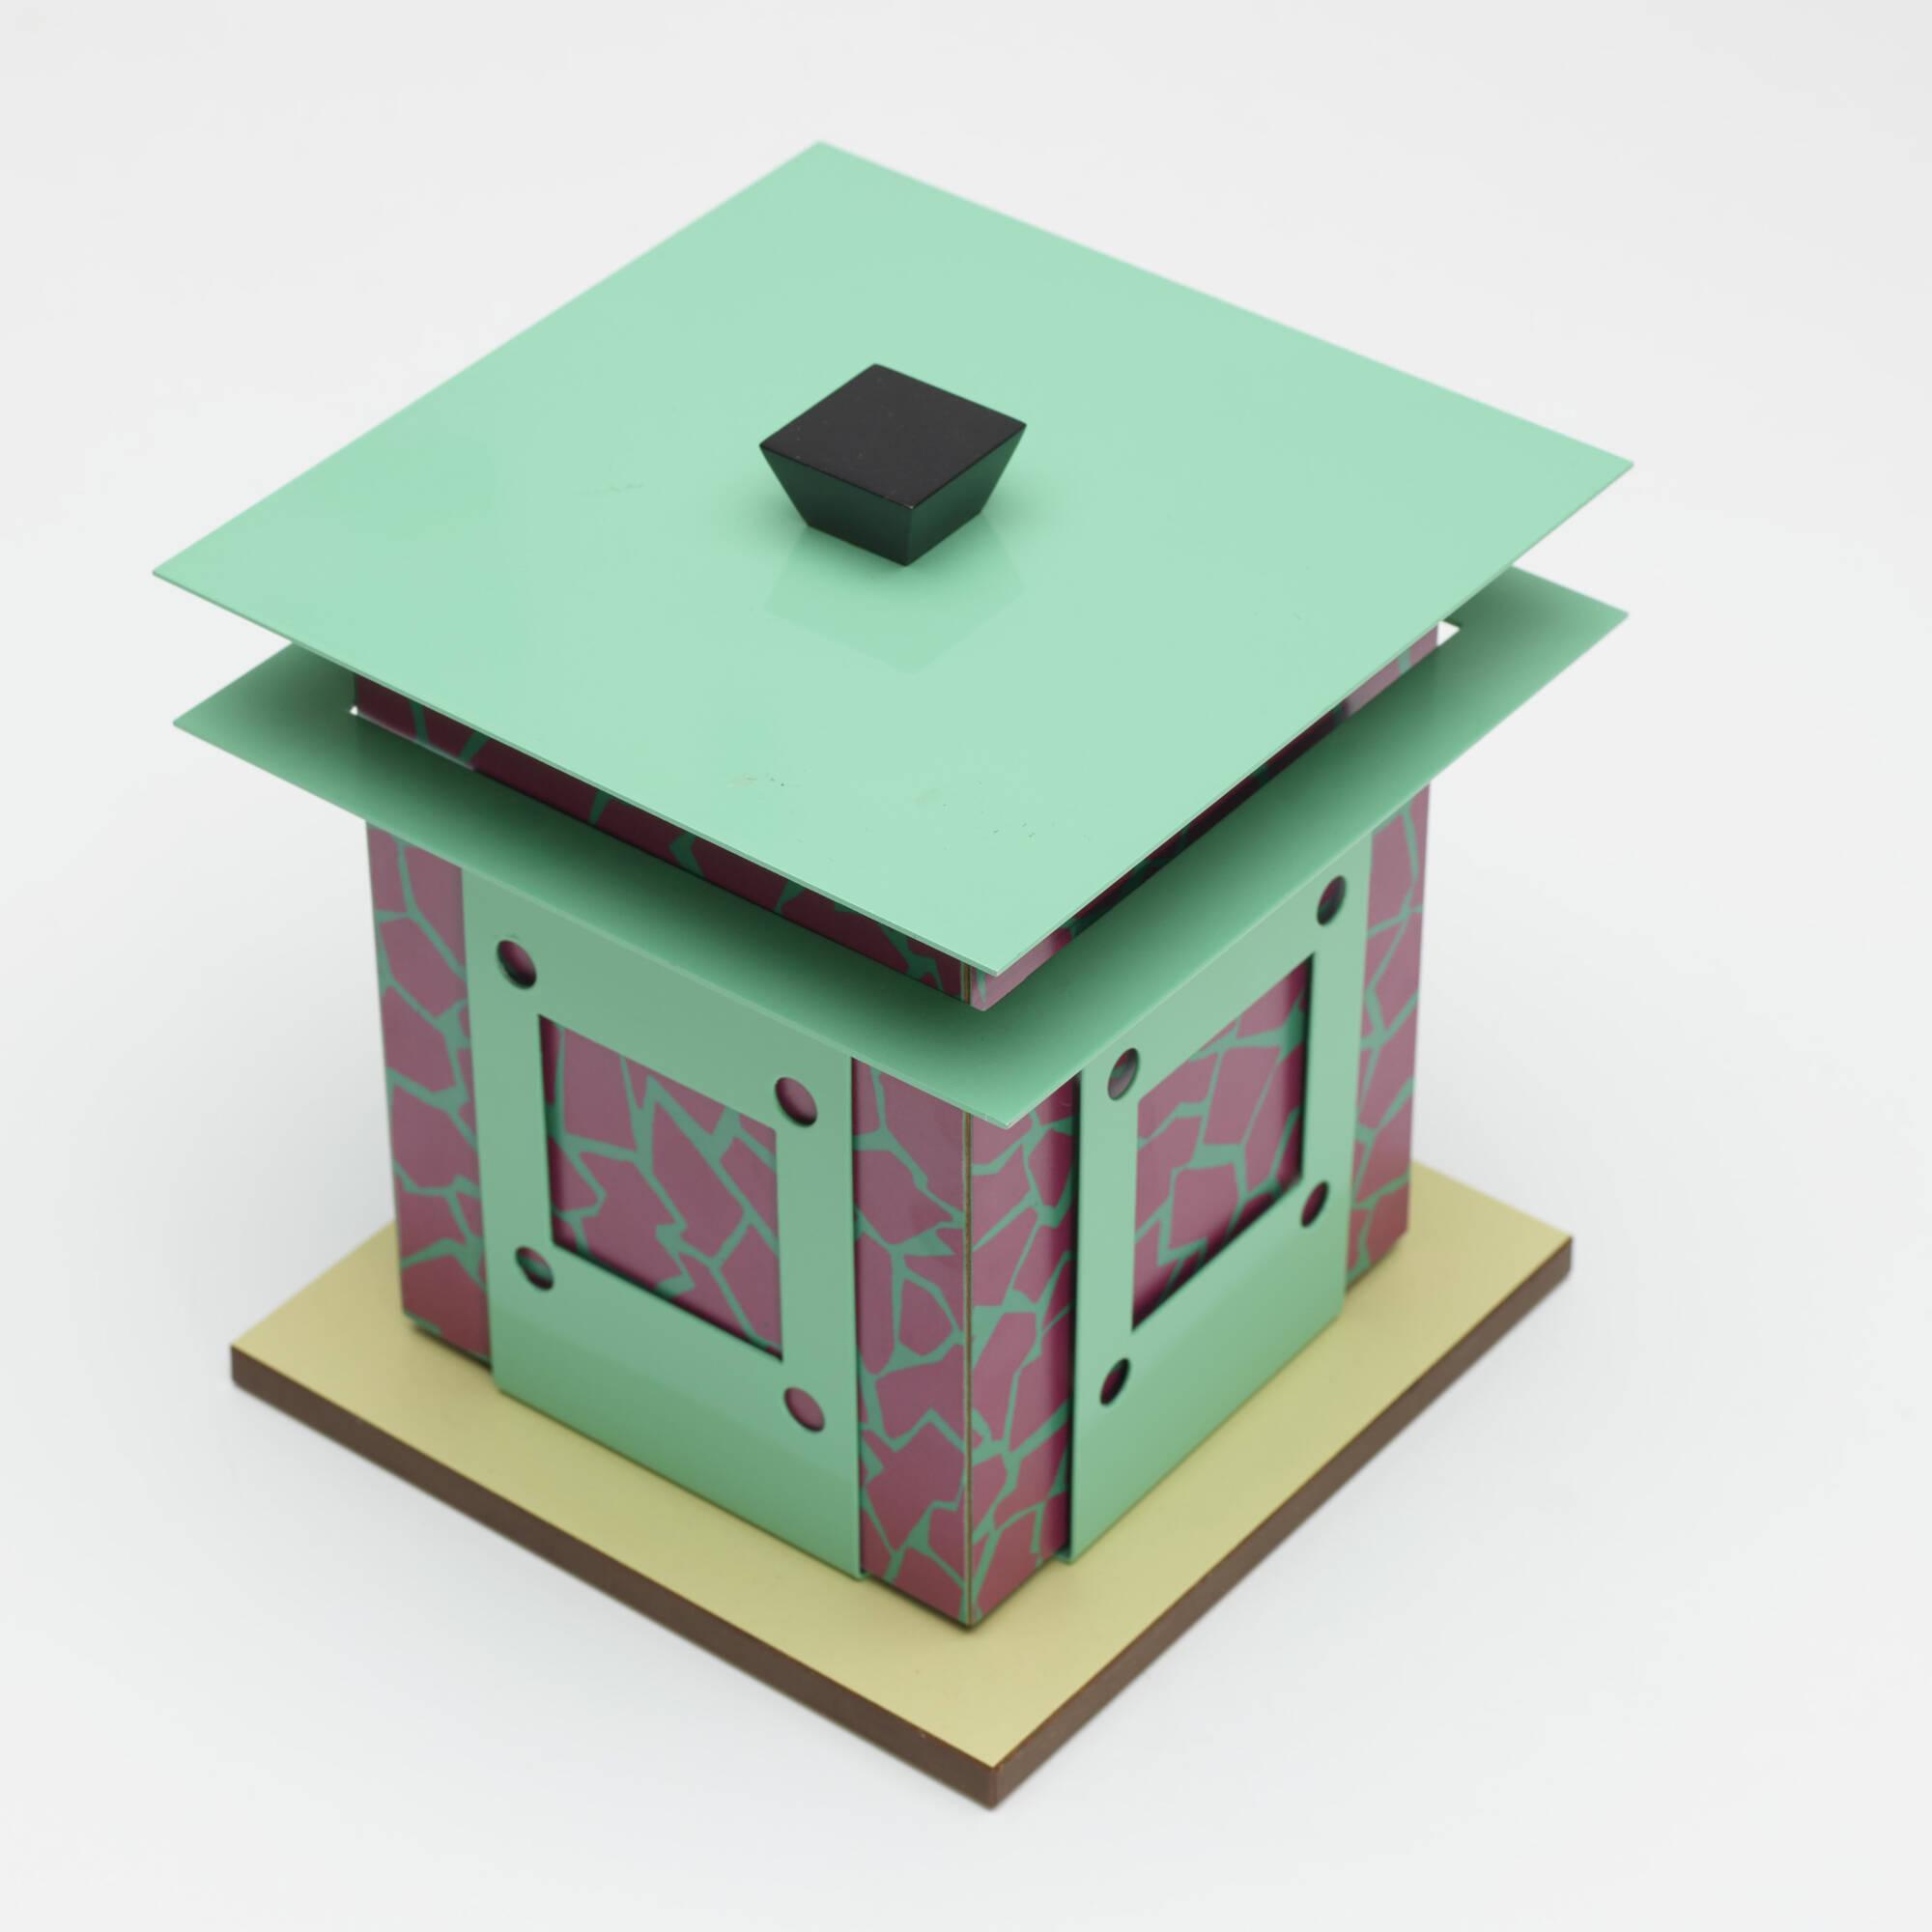 300: Nathalie Du Pasquier / Esperance Box (2 of 2)